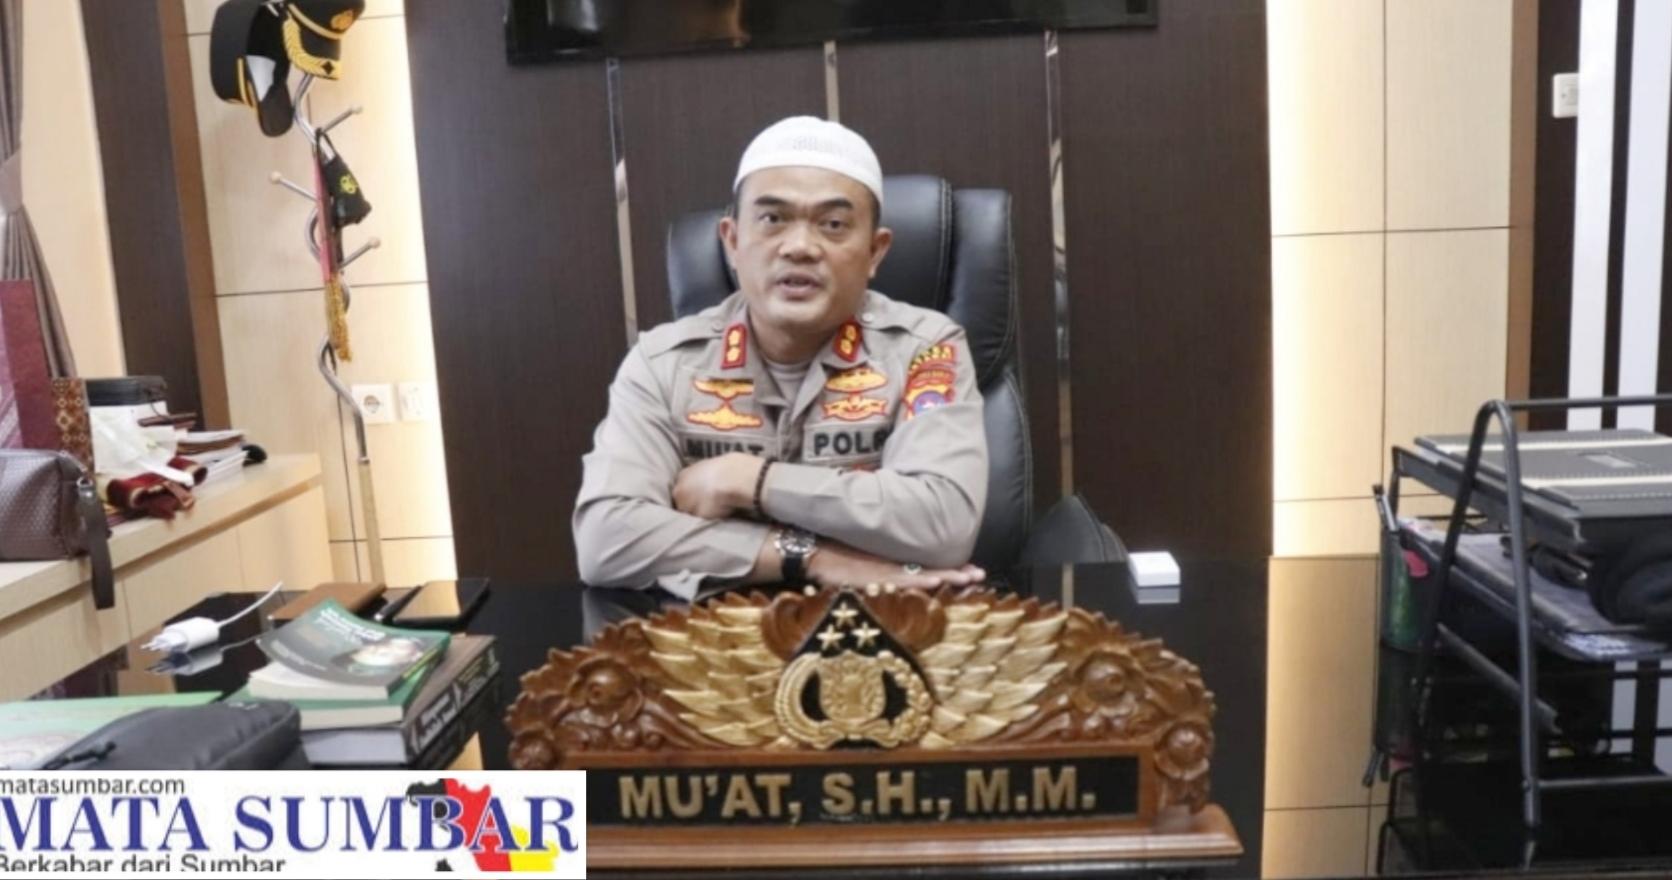 Polres Mentawai Siapkan 5 Posko Pengamanan, AKBP Mu'at : Masuk Mentawai Wajib Swab dan Antigen